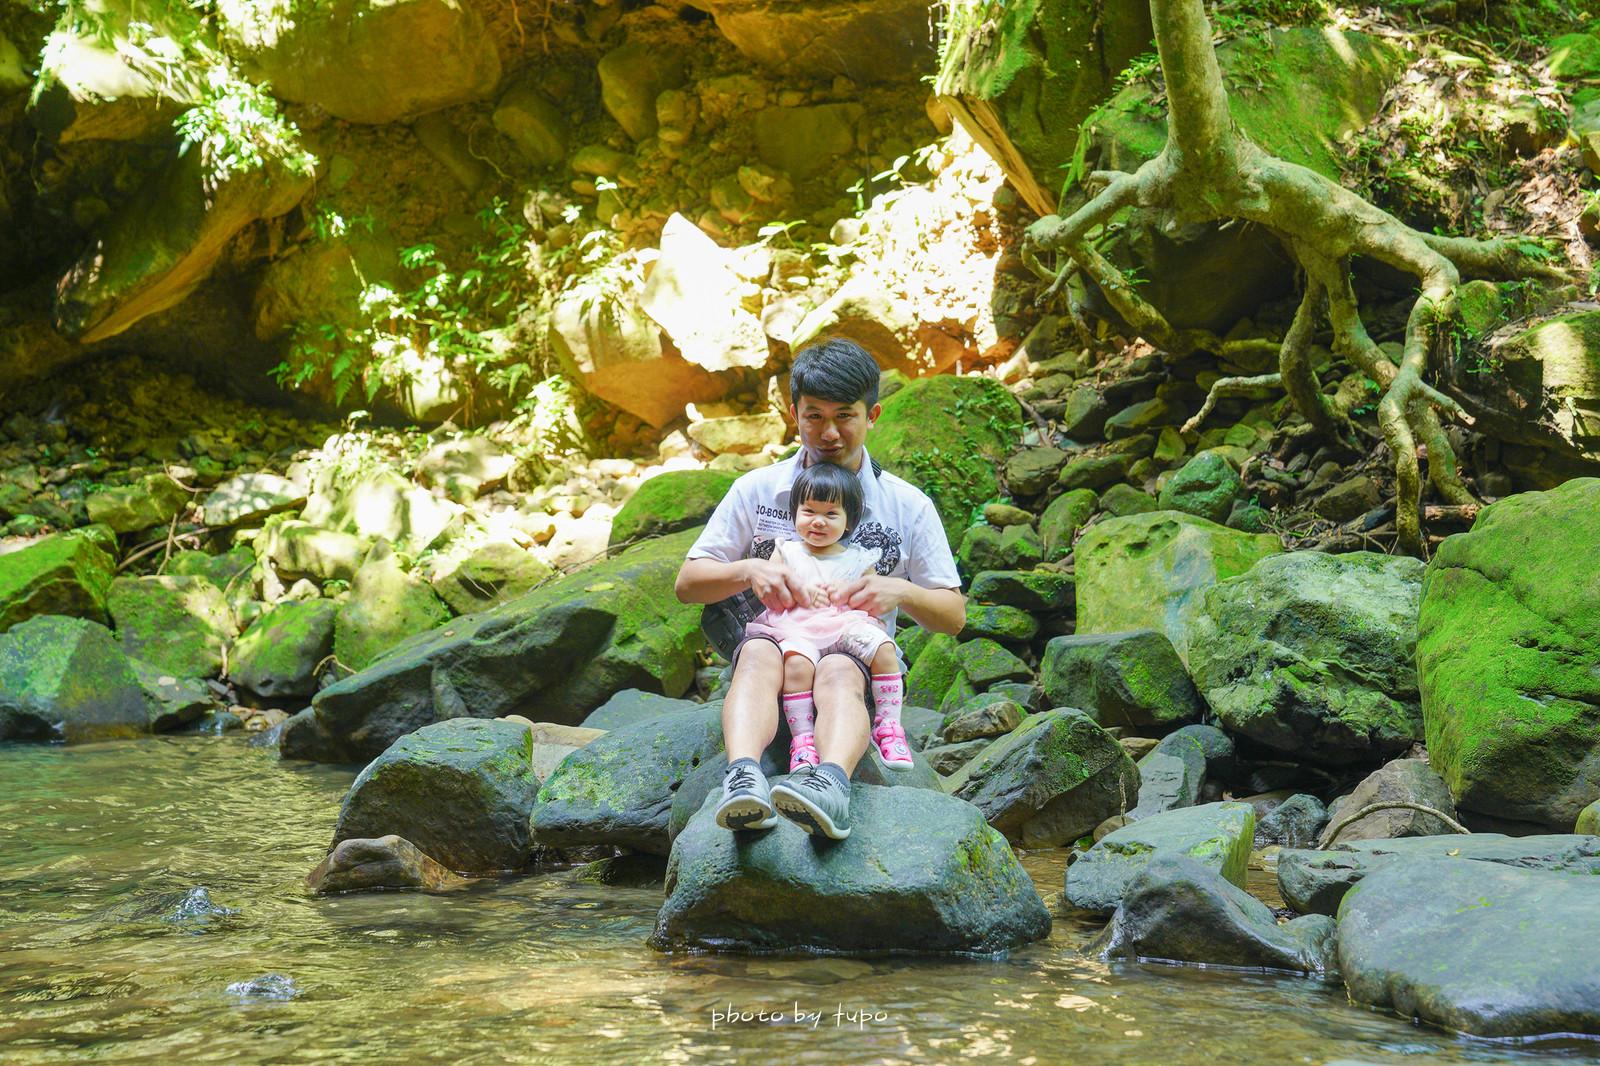 新北汐止。茄苳瀑布:低難度三分鐘抵達森林瀑布秘境,四五層樓高的多層瀑布超級消暑,水質清澈見底~